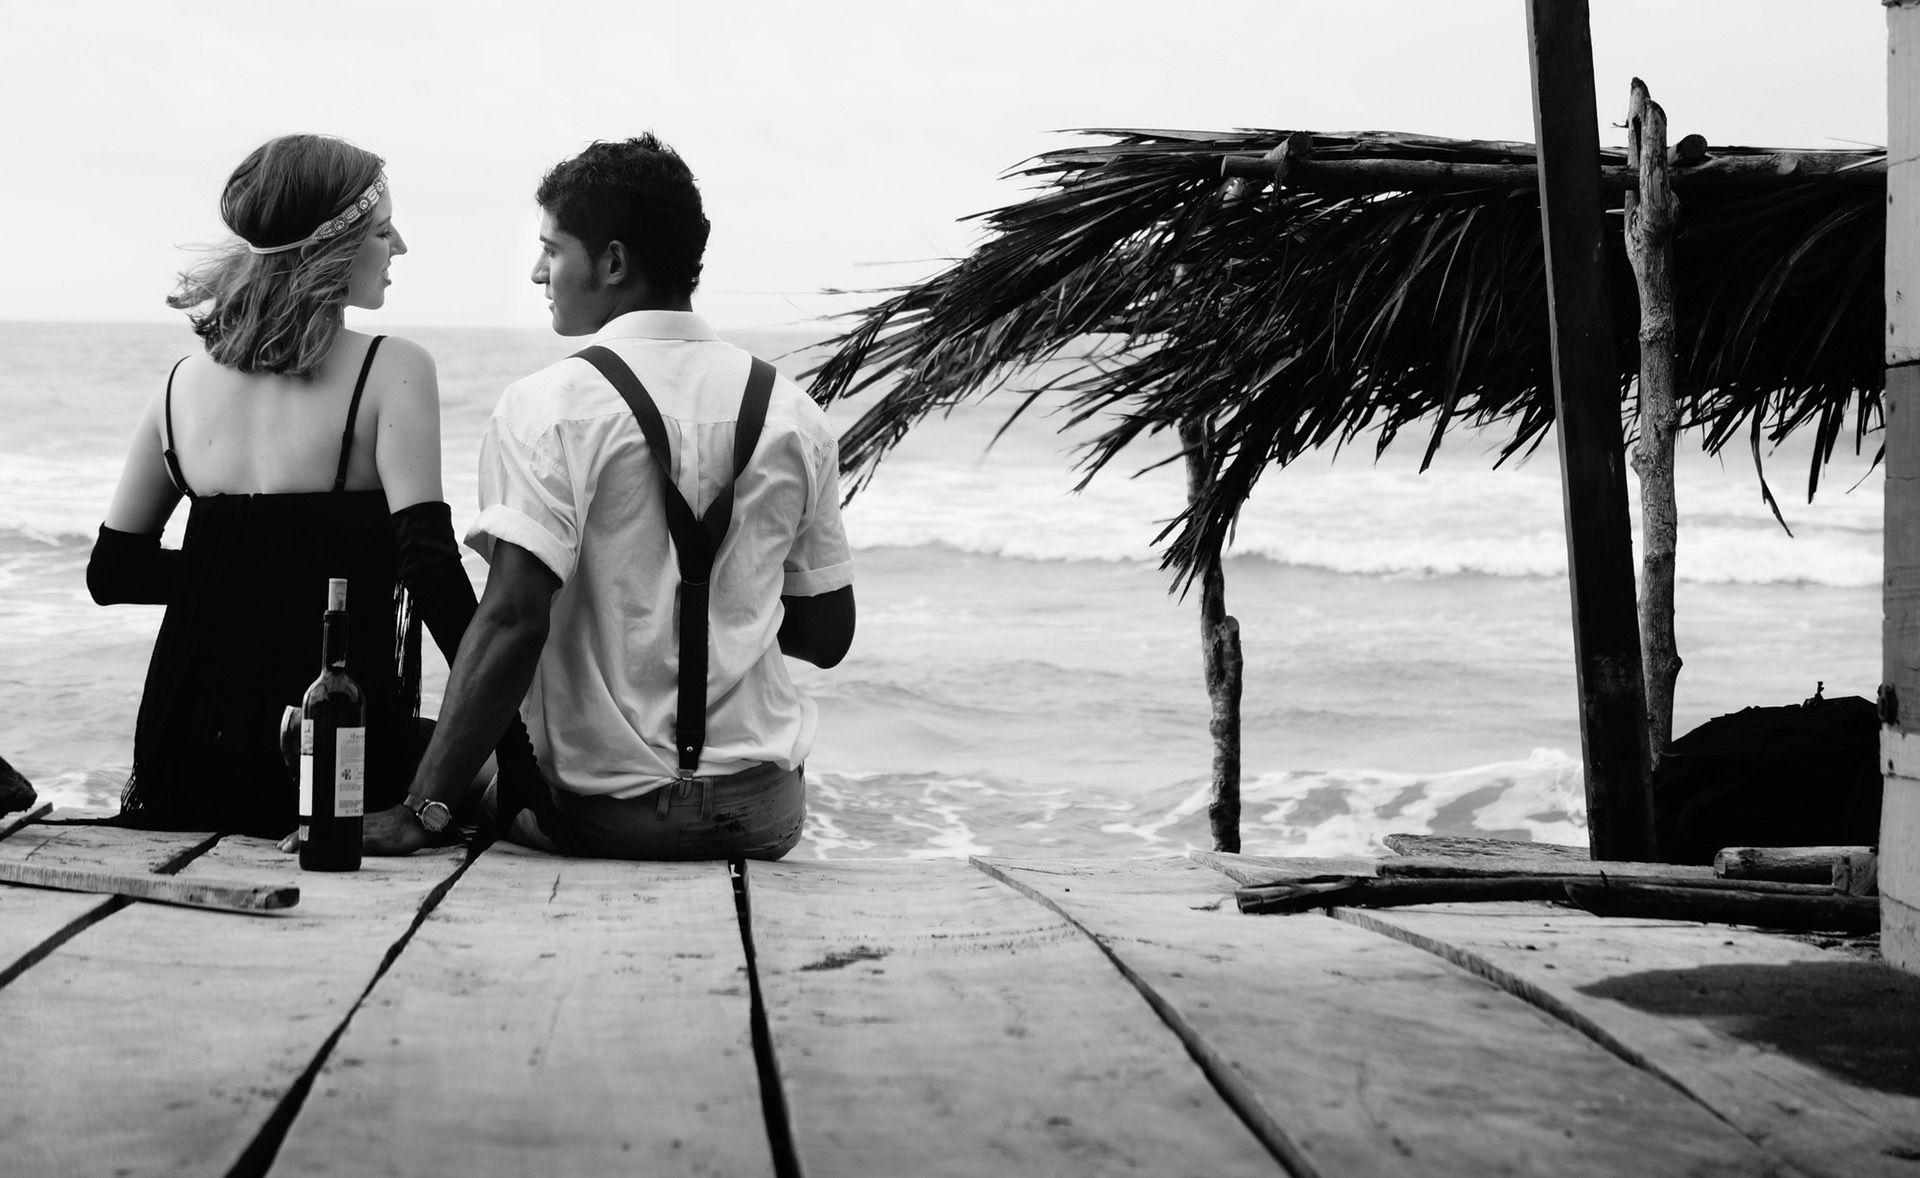 Dein Freund fährt alleine in den Urlaub! Wenn der Urlaub